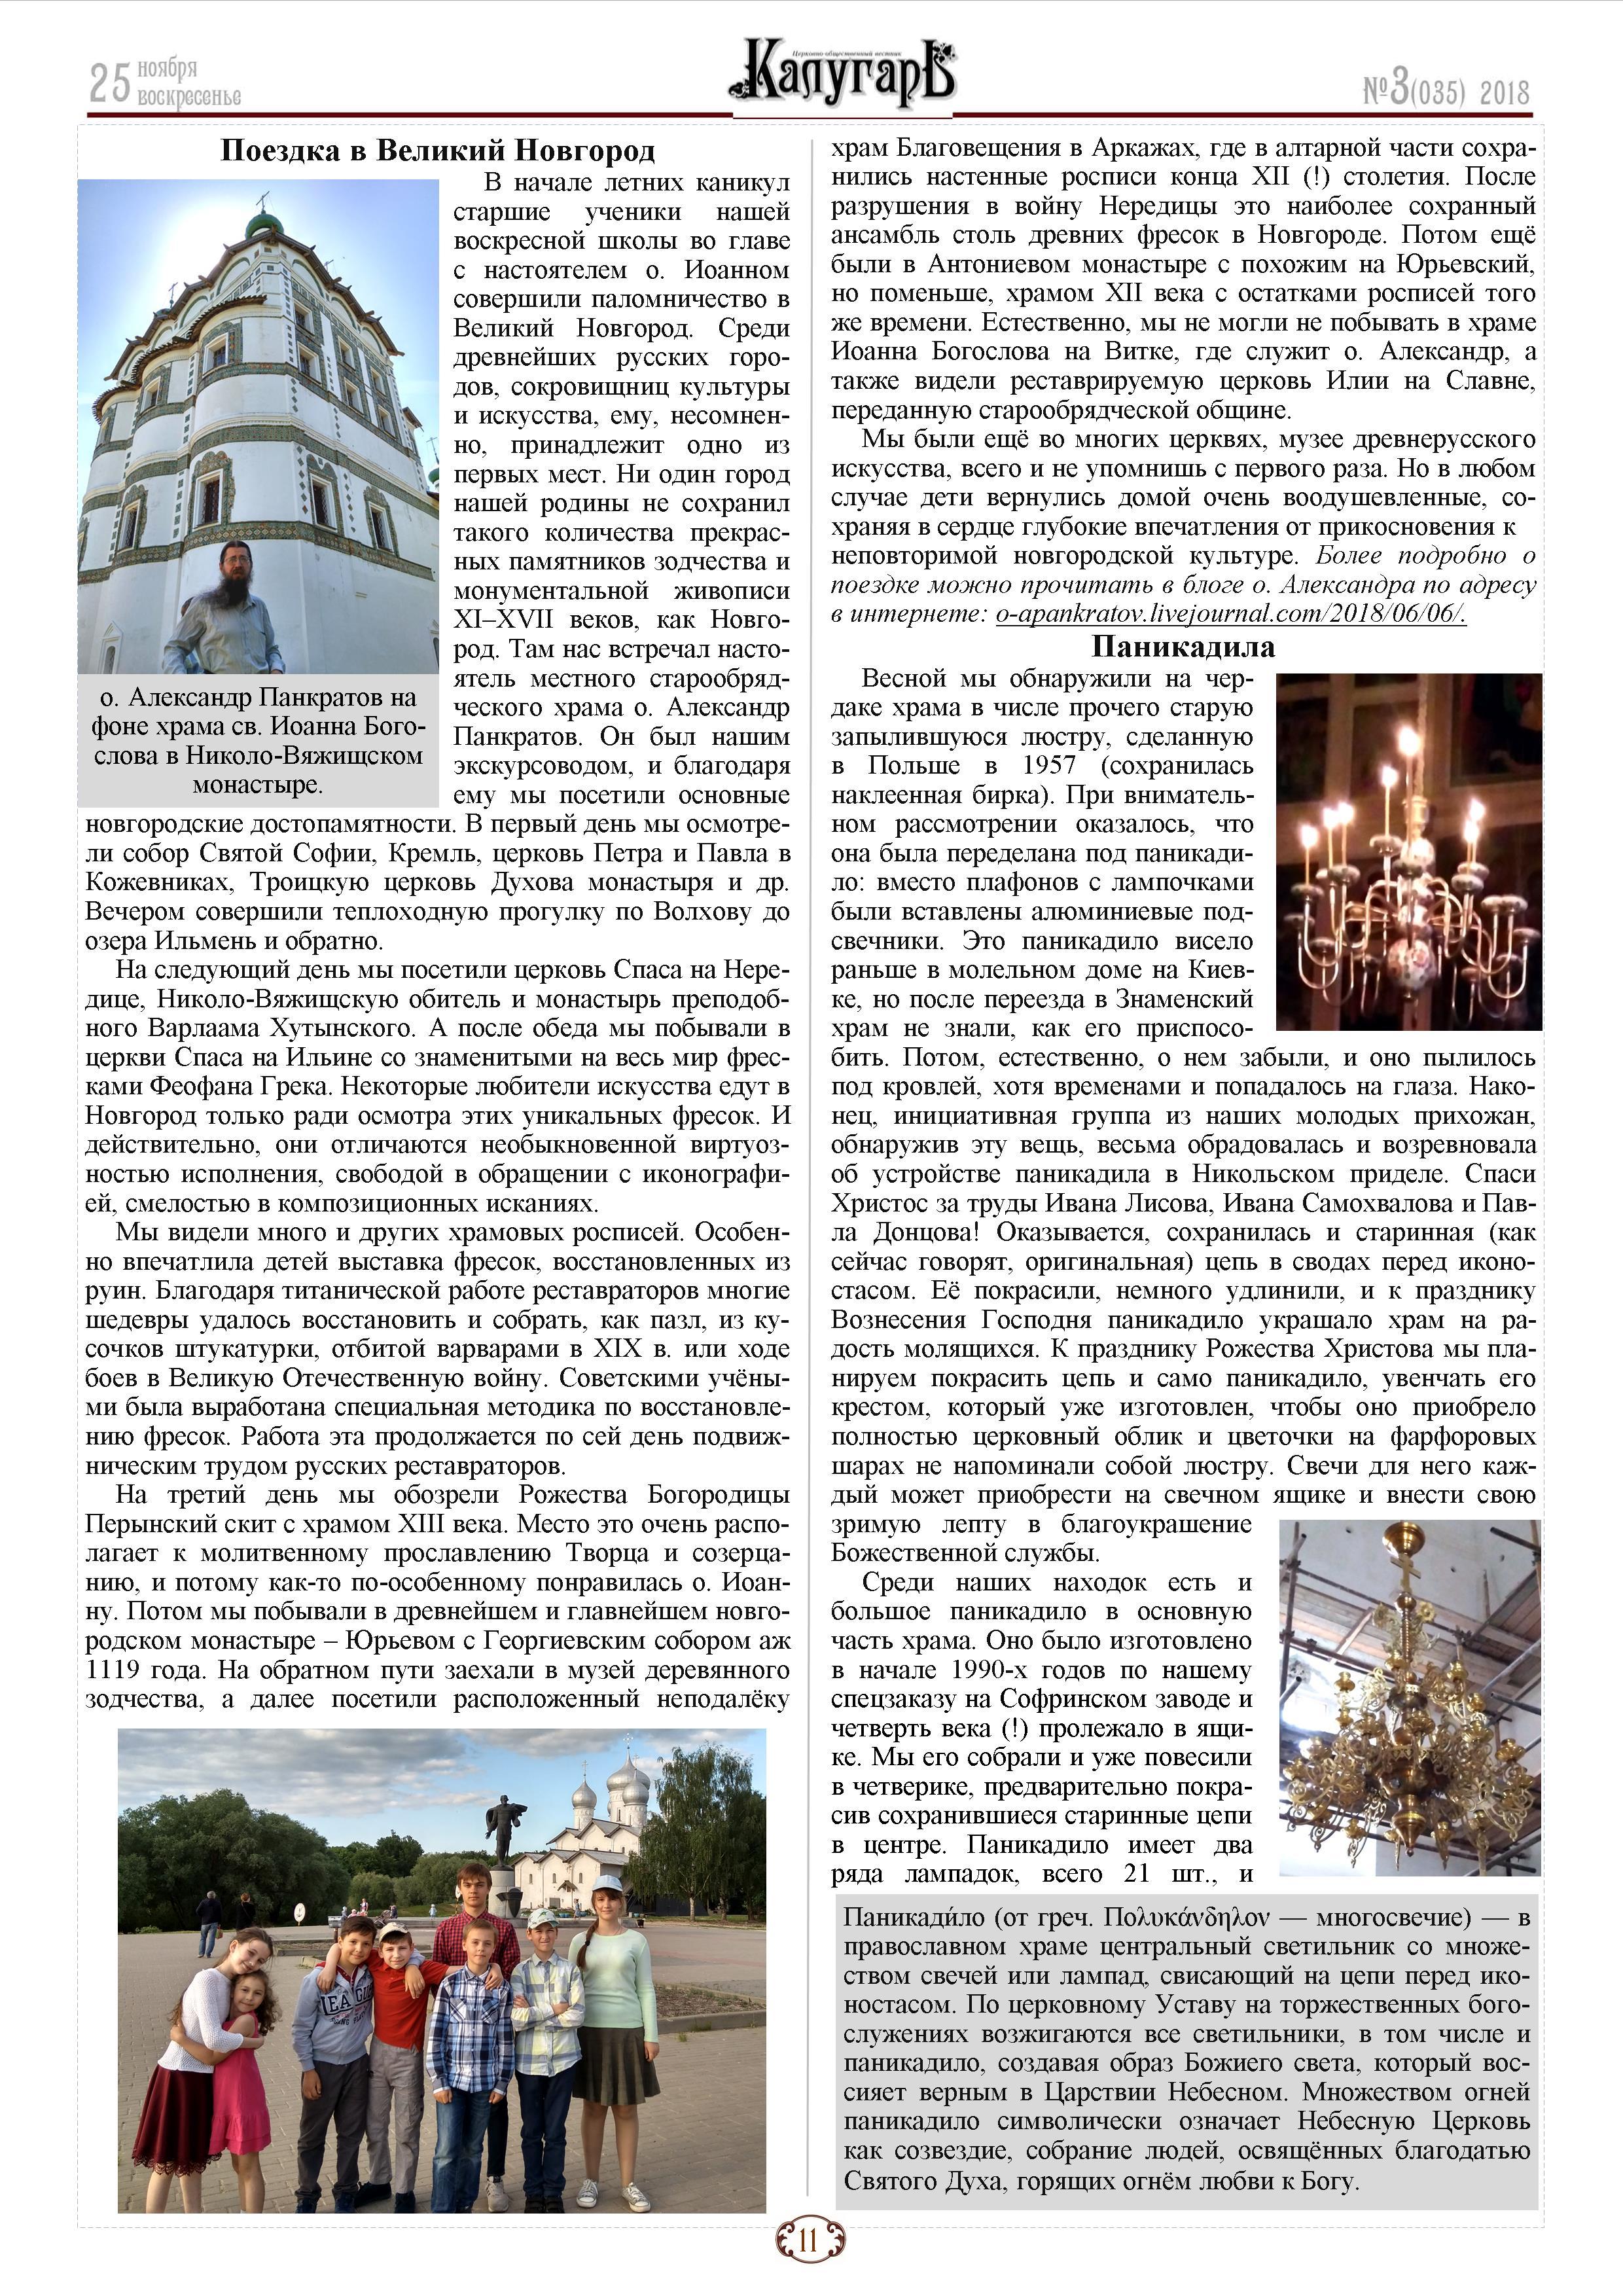 Калугарь 35 стр 11.jpg